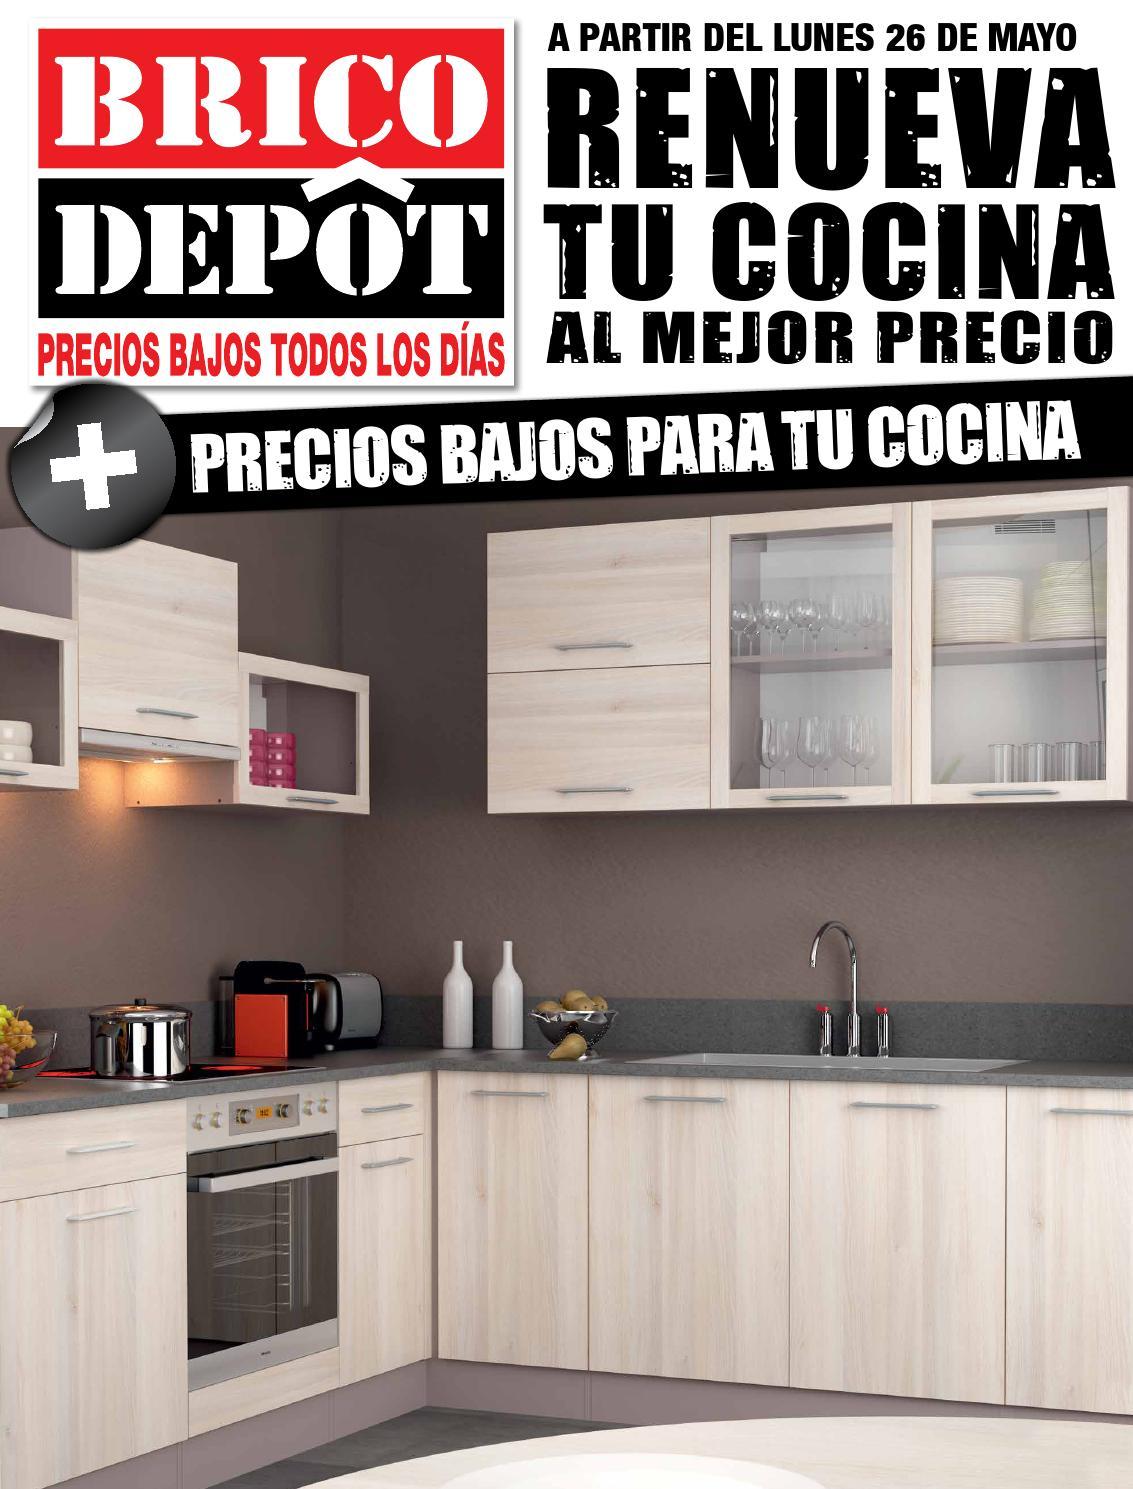 Muebles de cocina en brico depot - Tiradores de cocina brico depot ...